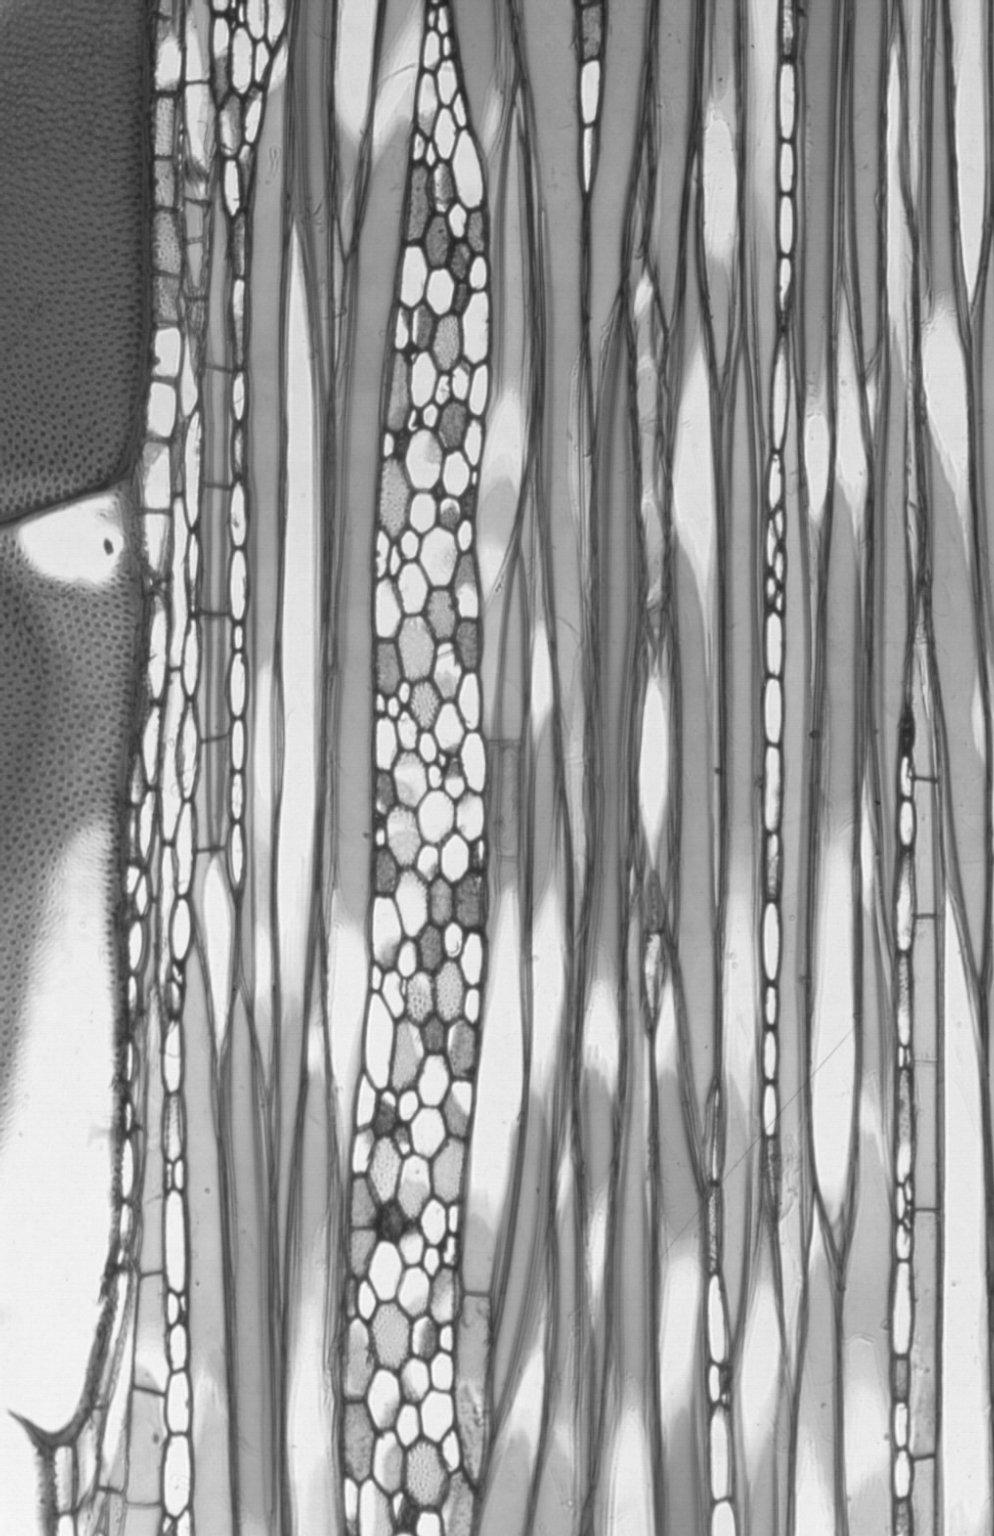 MALVACEAE GREWIOIDEAE Trichospermum pleiostigma